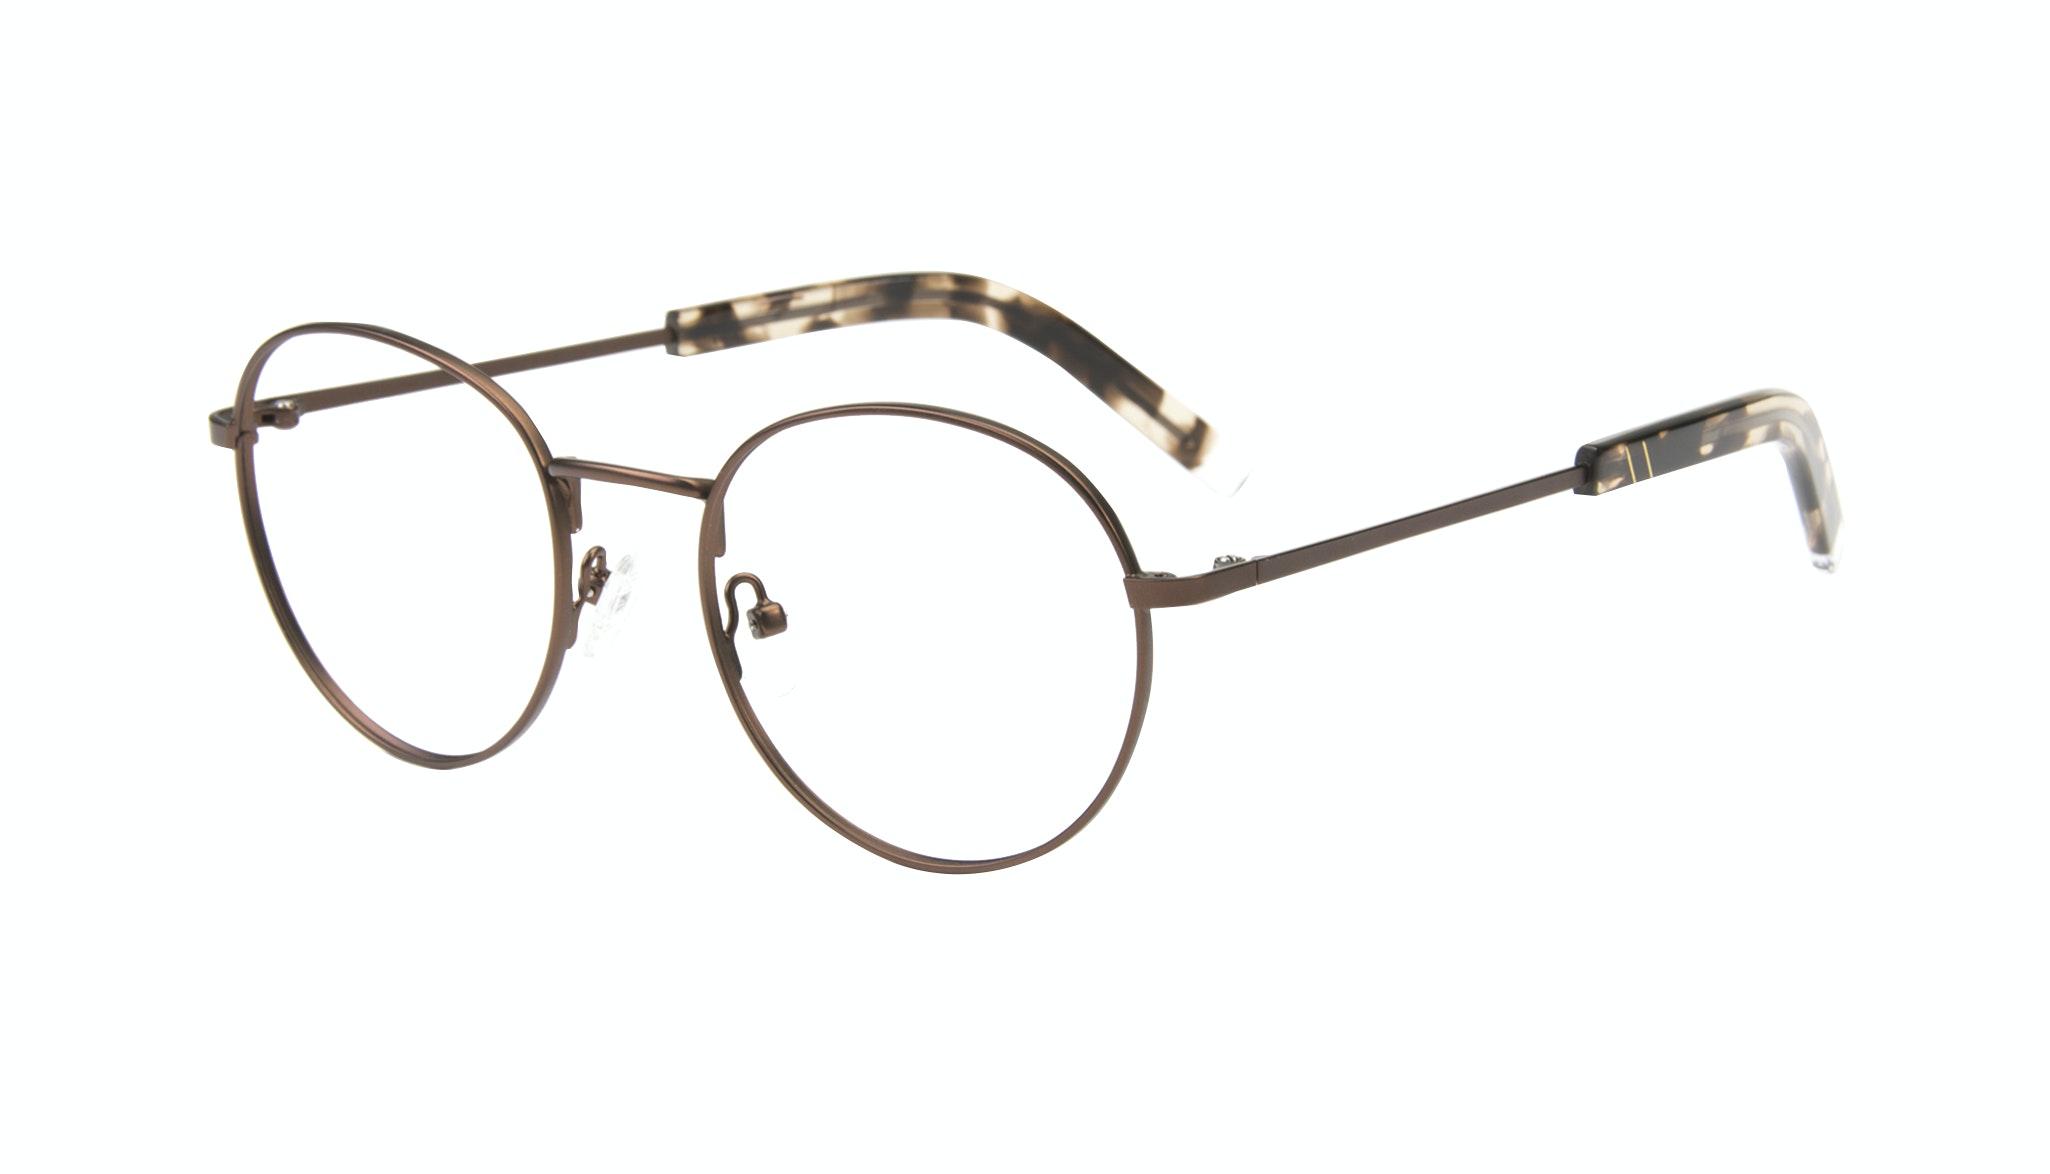 Affordable Fashion Glasses Round Eyeglasses Men Lean Mud Tilt